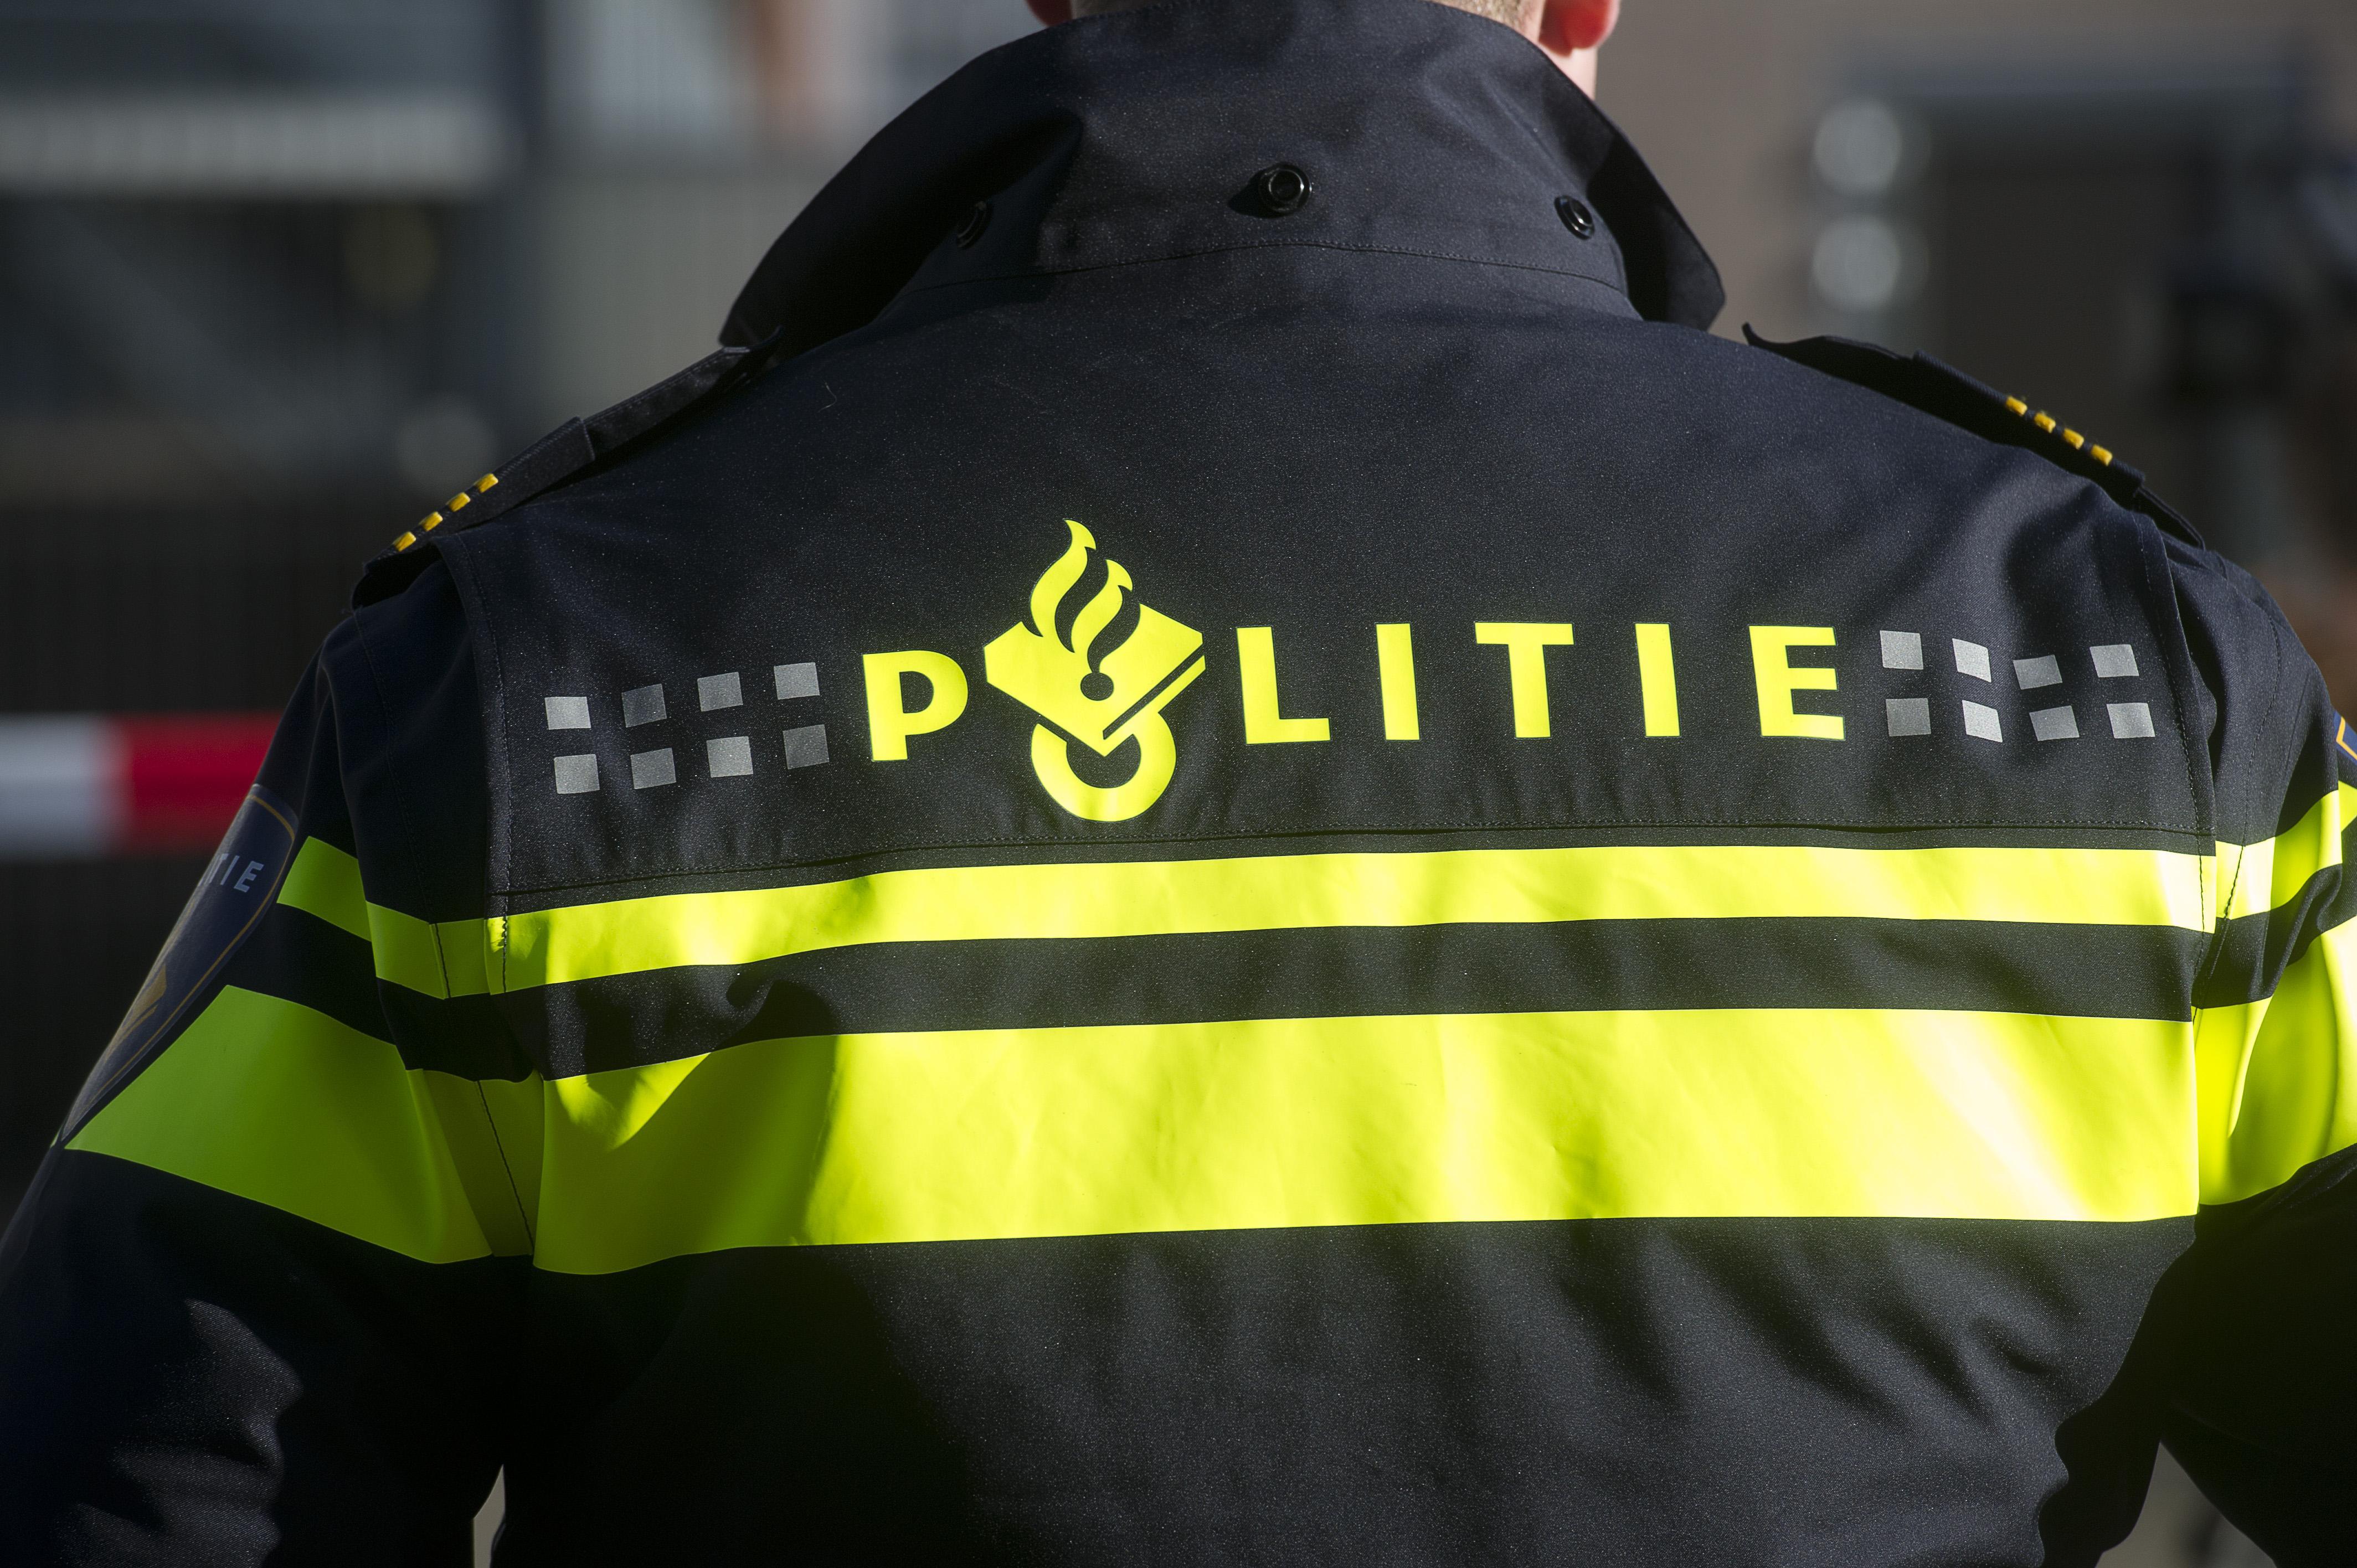 19-jarige man uit Bussum mishandeld en beroofd; twee leeftijdsgenoten opgepakt